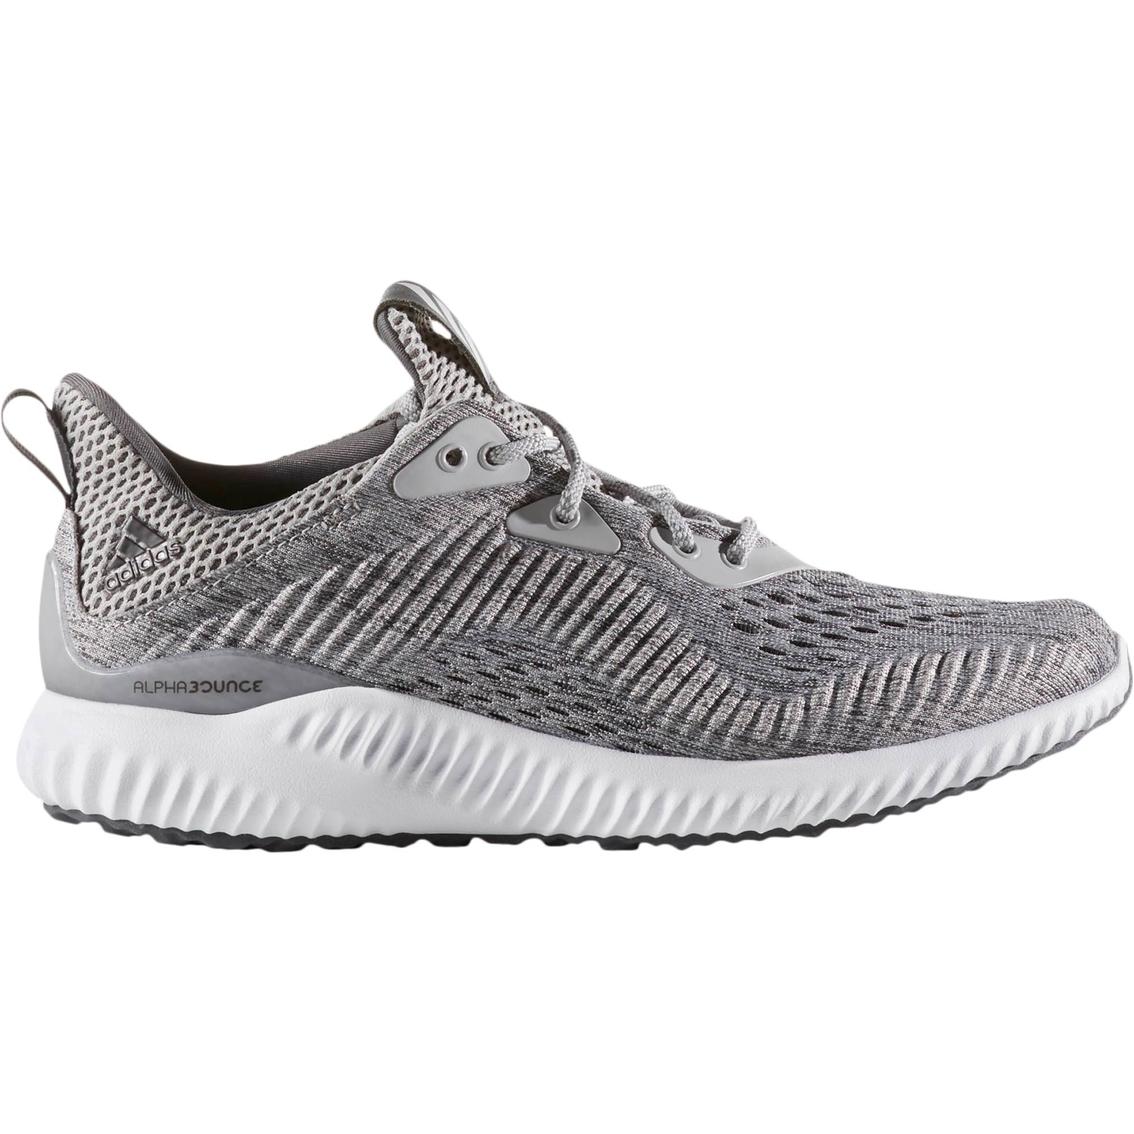 4dcf25e8d Adidas Women s Alphabounce Em Running Shoes